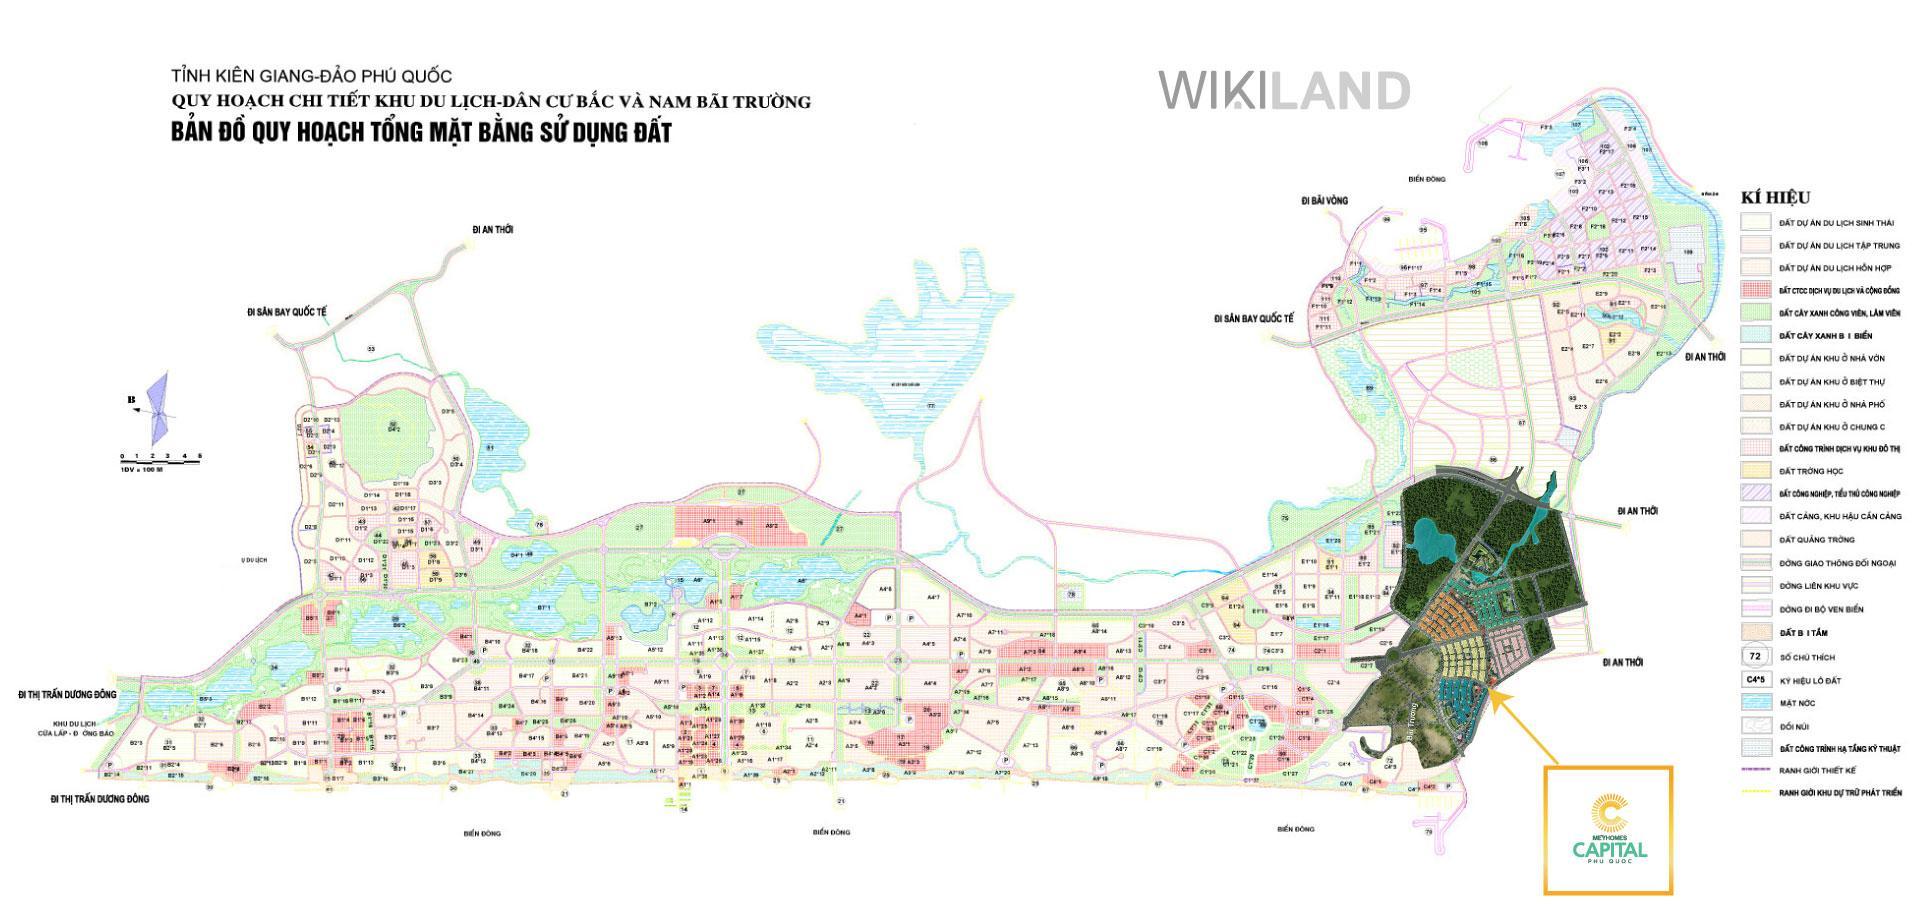 Bản đồ quy hoạch khu dân cư Nam Bãi Trường